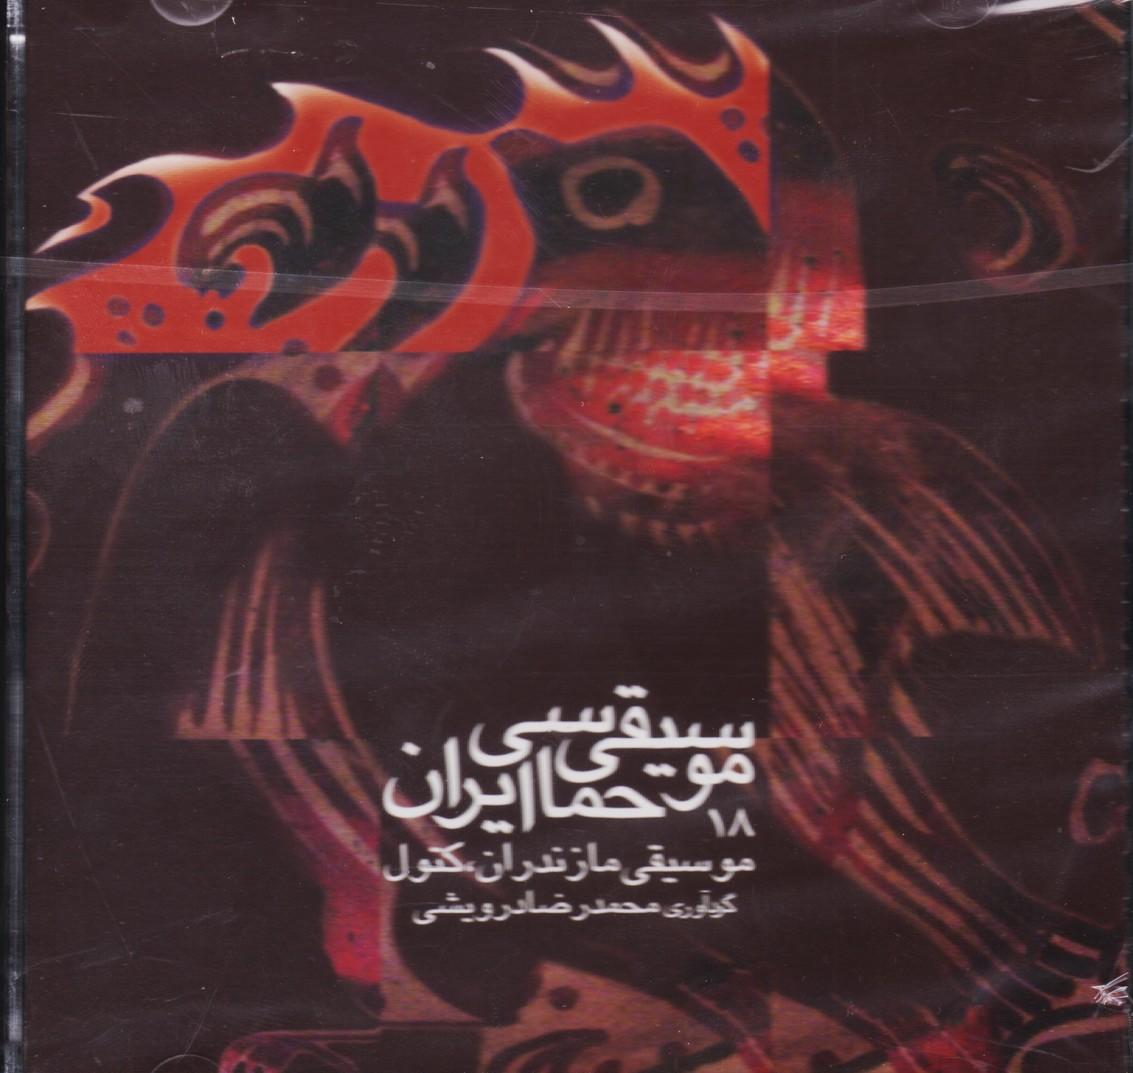 موسیقی حماسی ایران 18: موسیقی مازندران.کتول